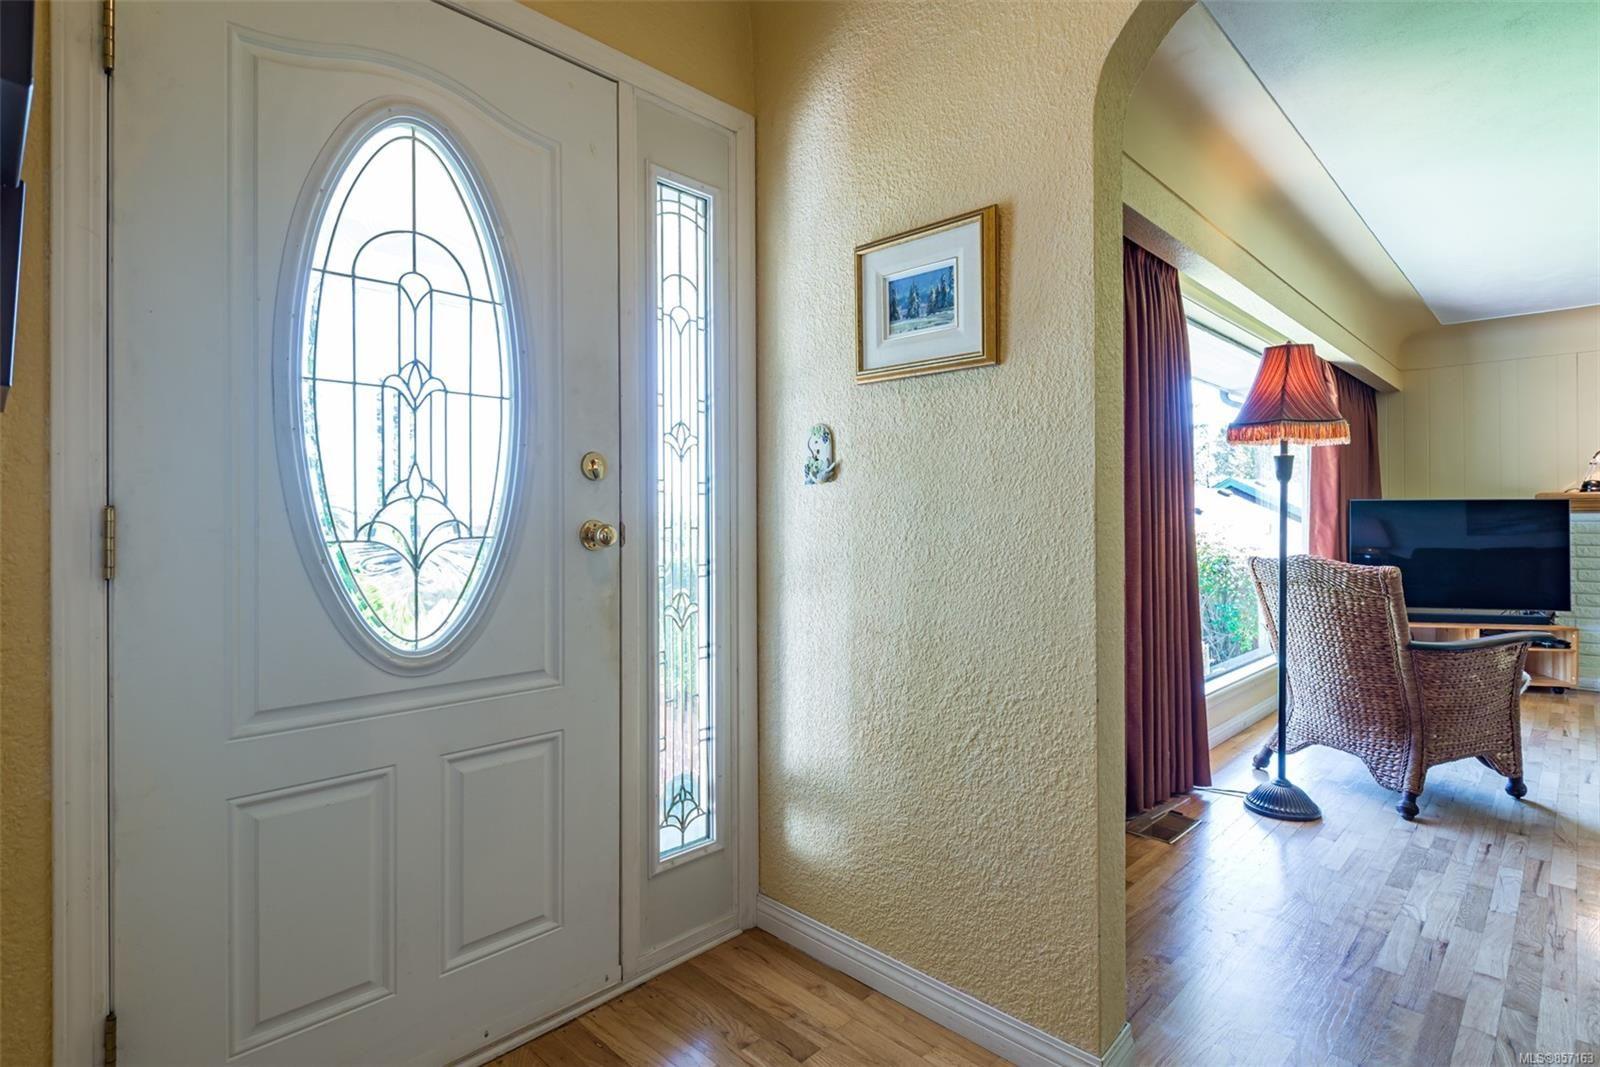 Photo 6: Photos: 4241 Buddington Rd in : CV Courtenay South House for sale (Comox Valley)  : MLS®# 857163